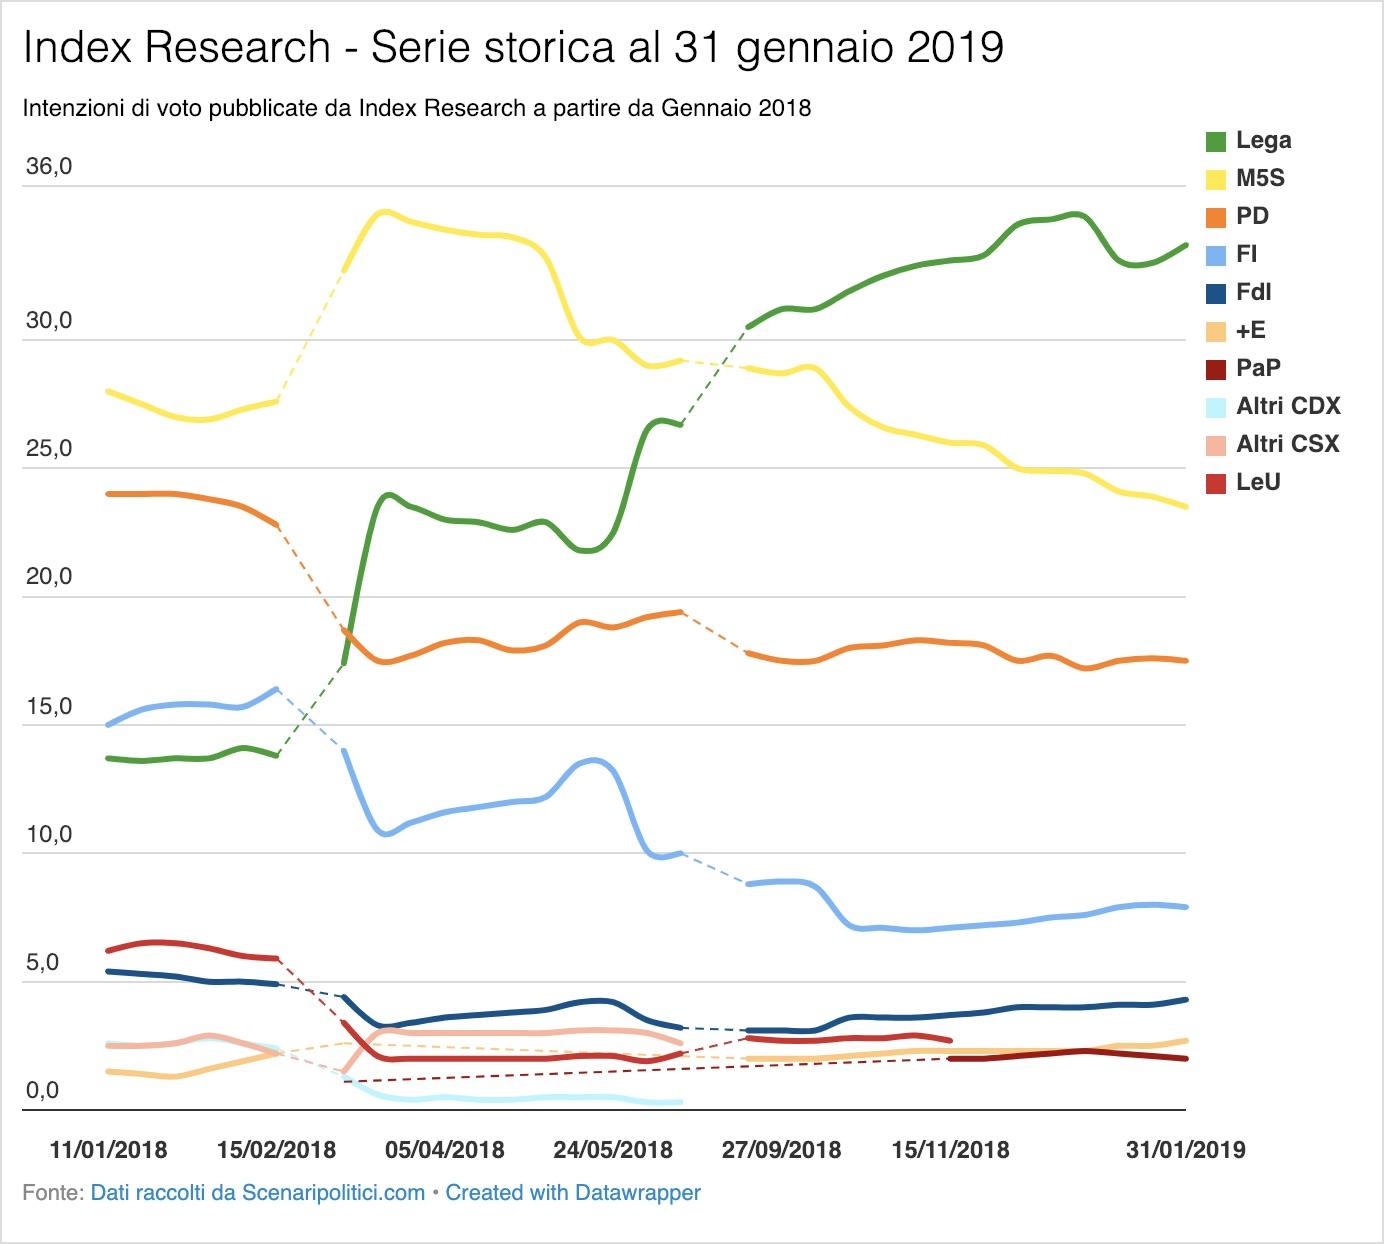 Sondaggio Index Research 31 gennaio 2019